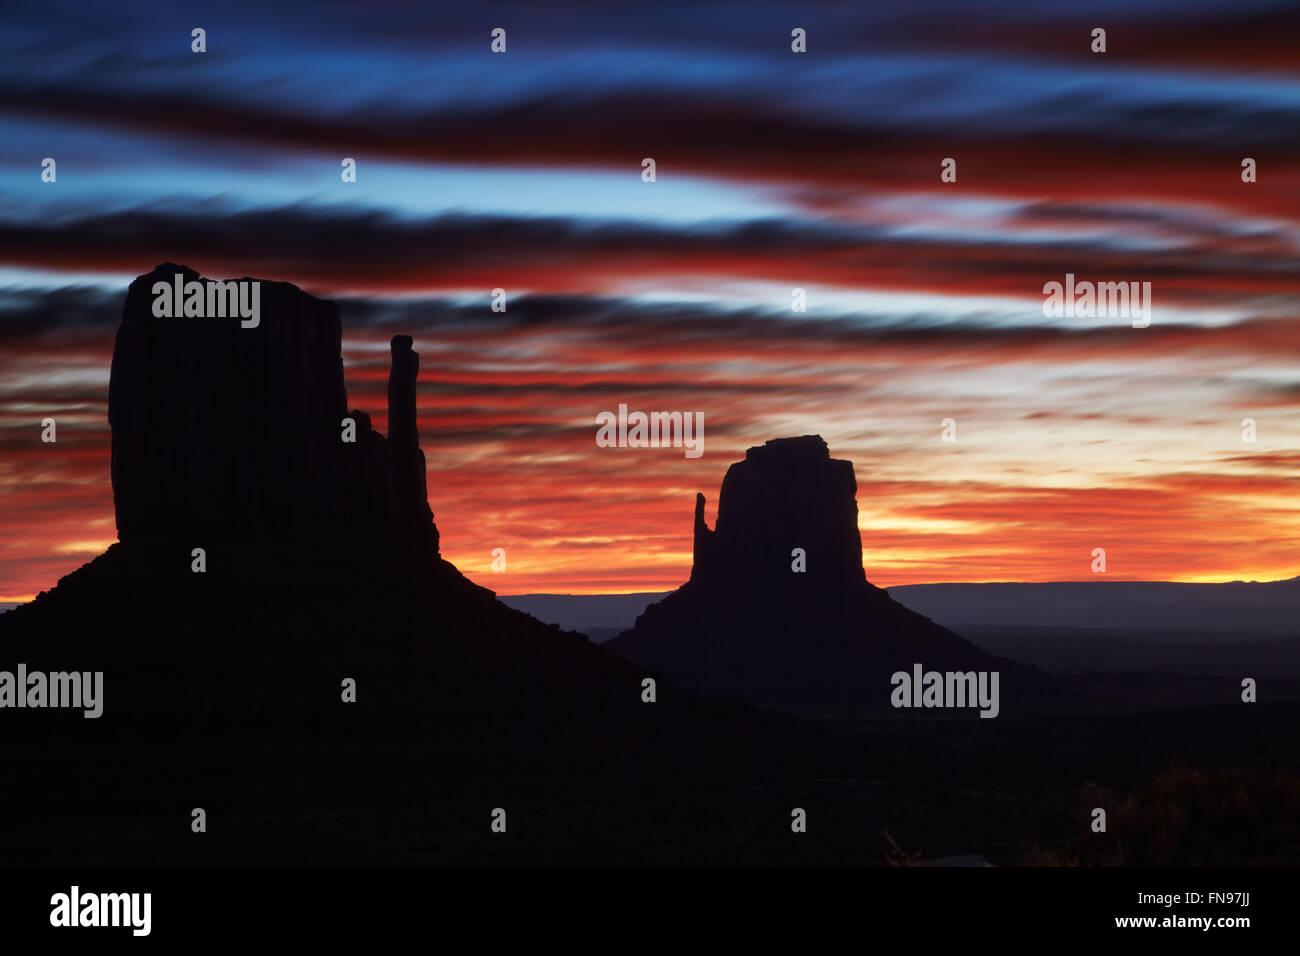 Monument valley at sunrise, Arizona, USA - Stock Image